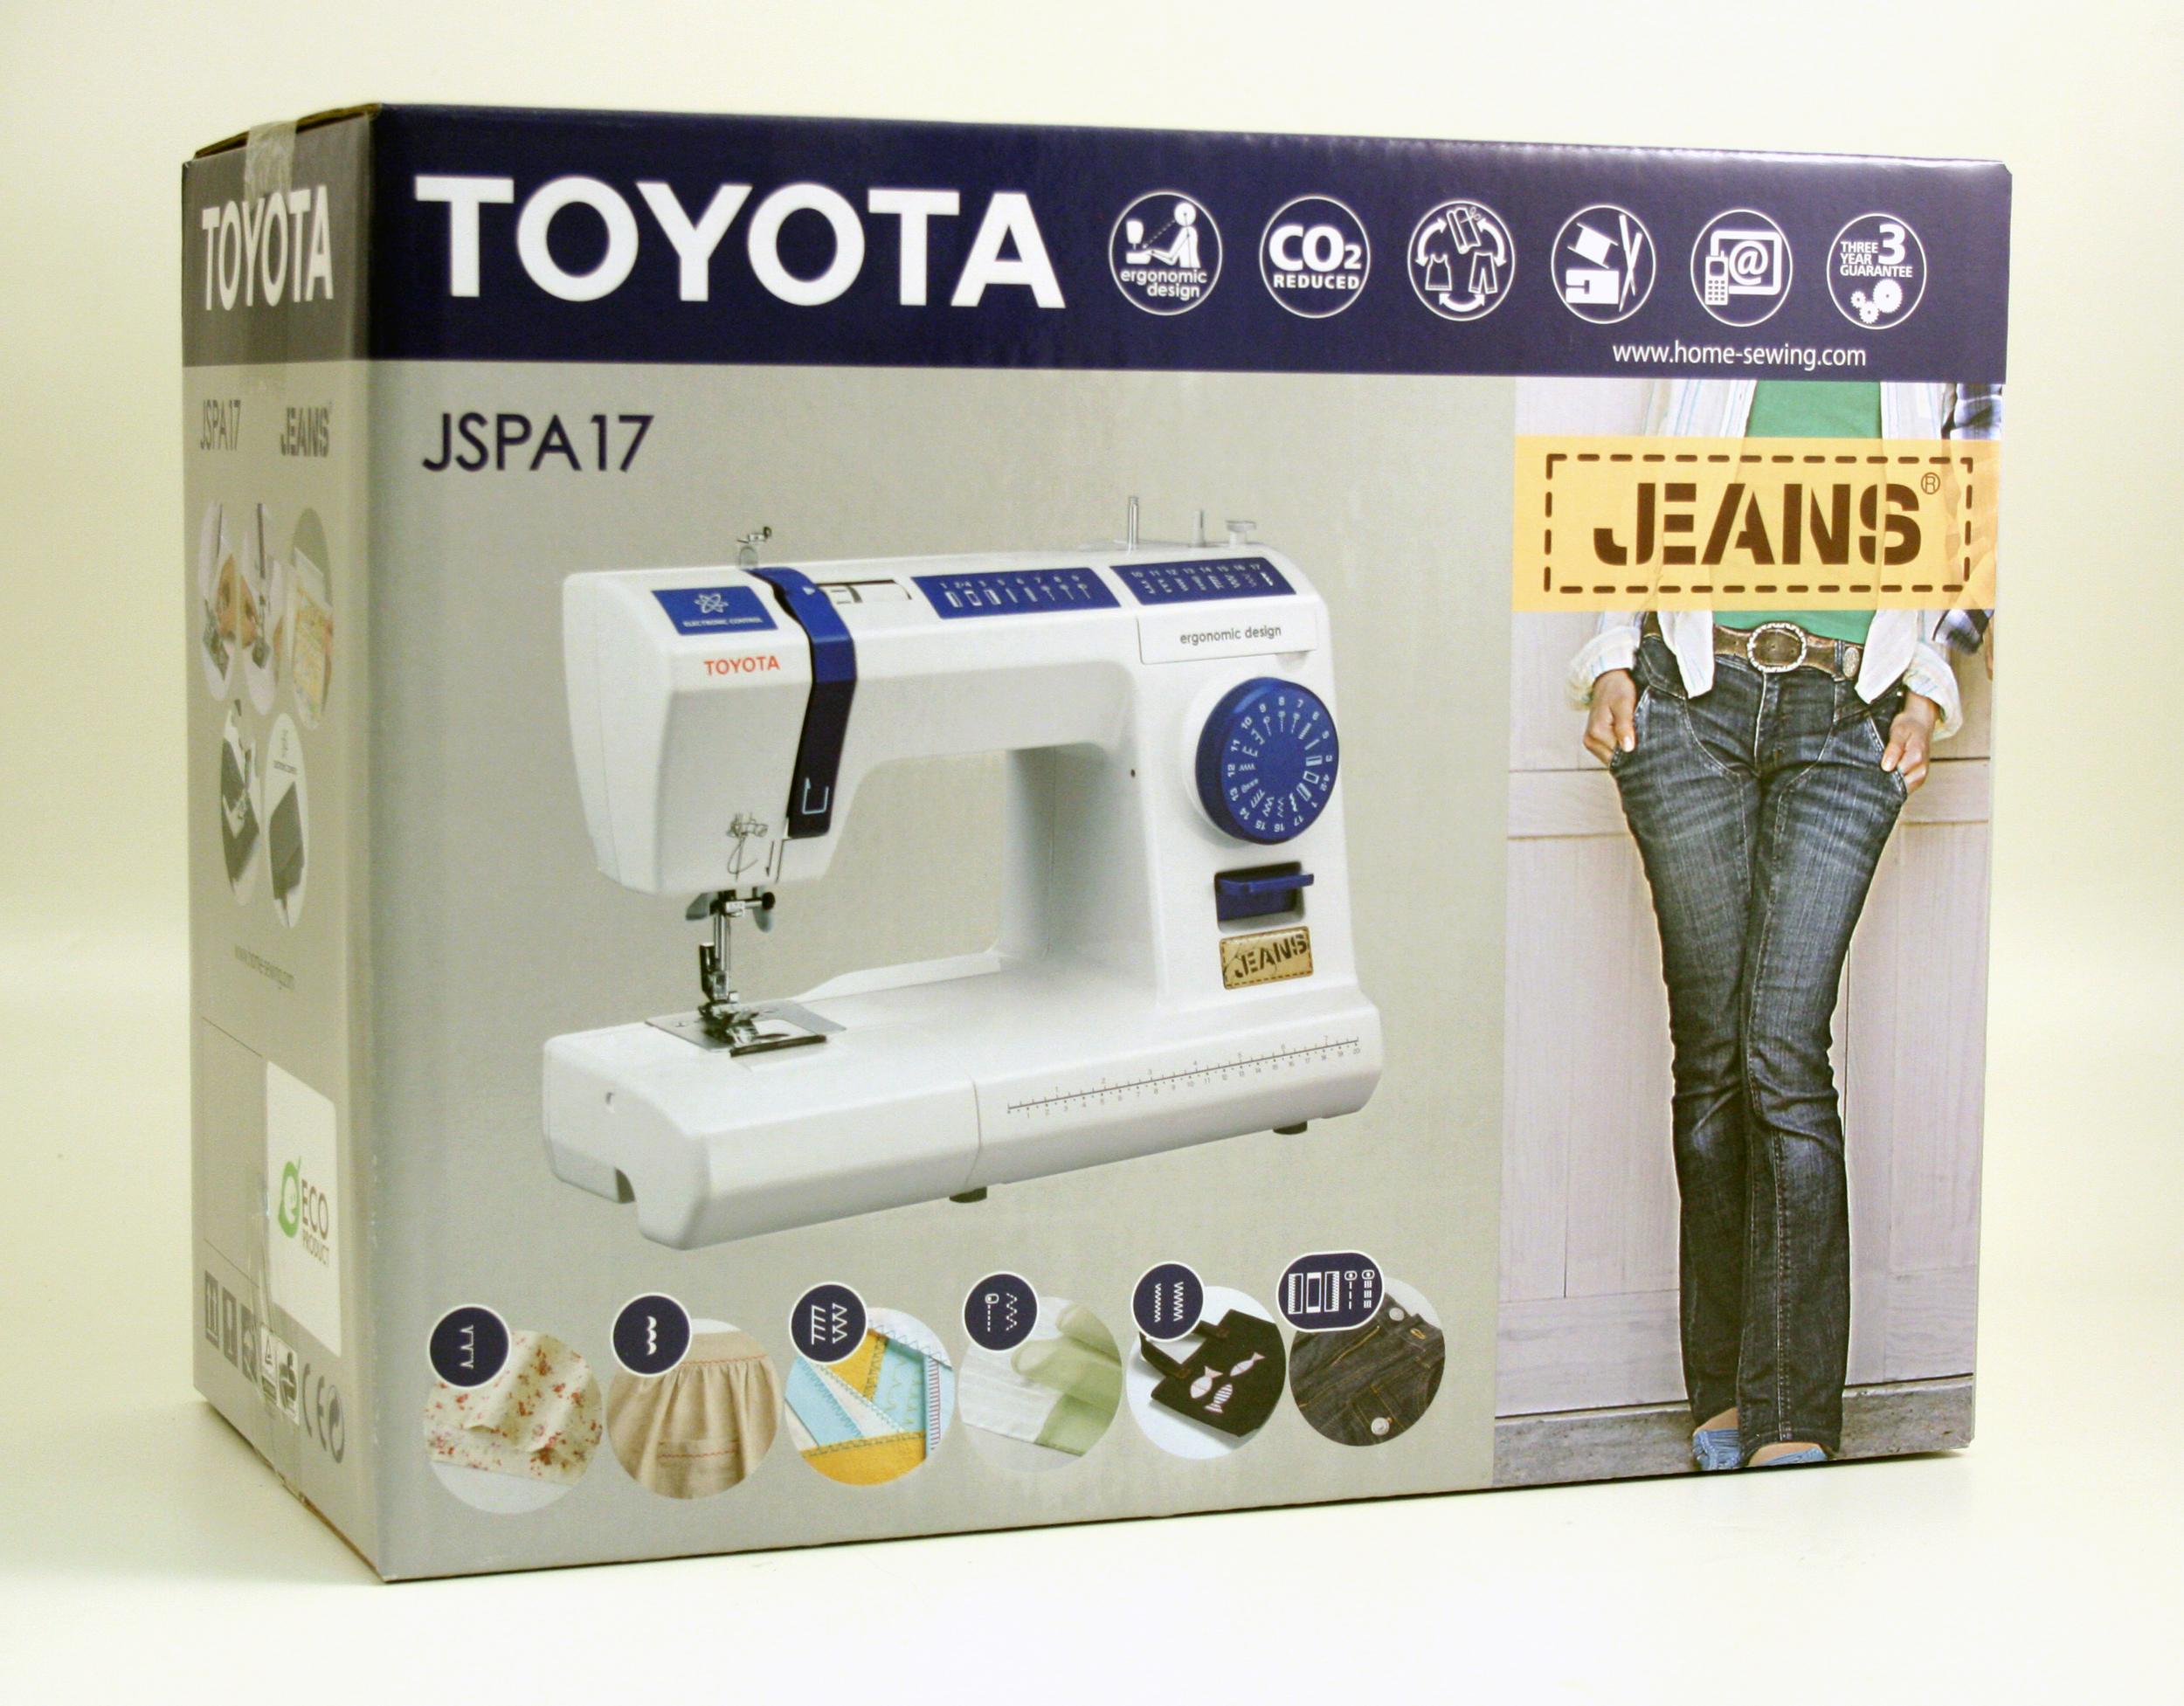 šicí stroj Toyota JSPA17-7